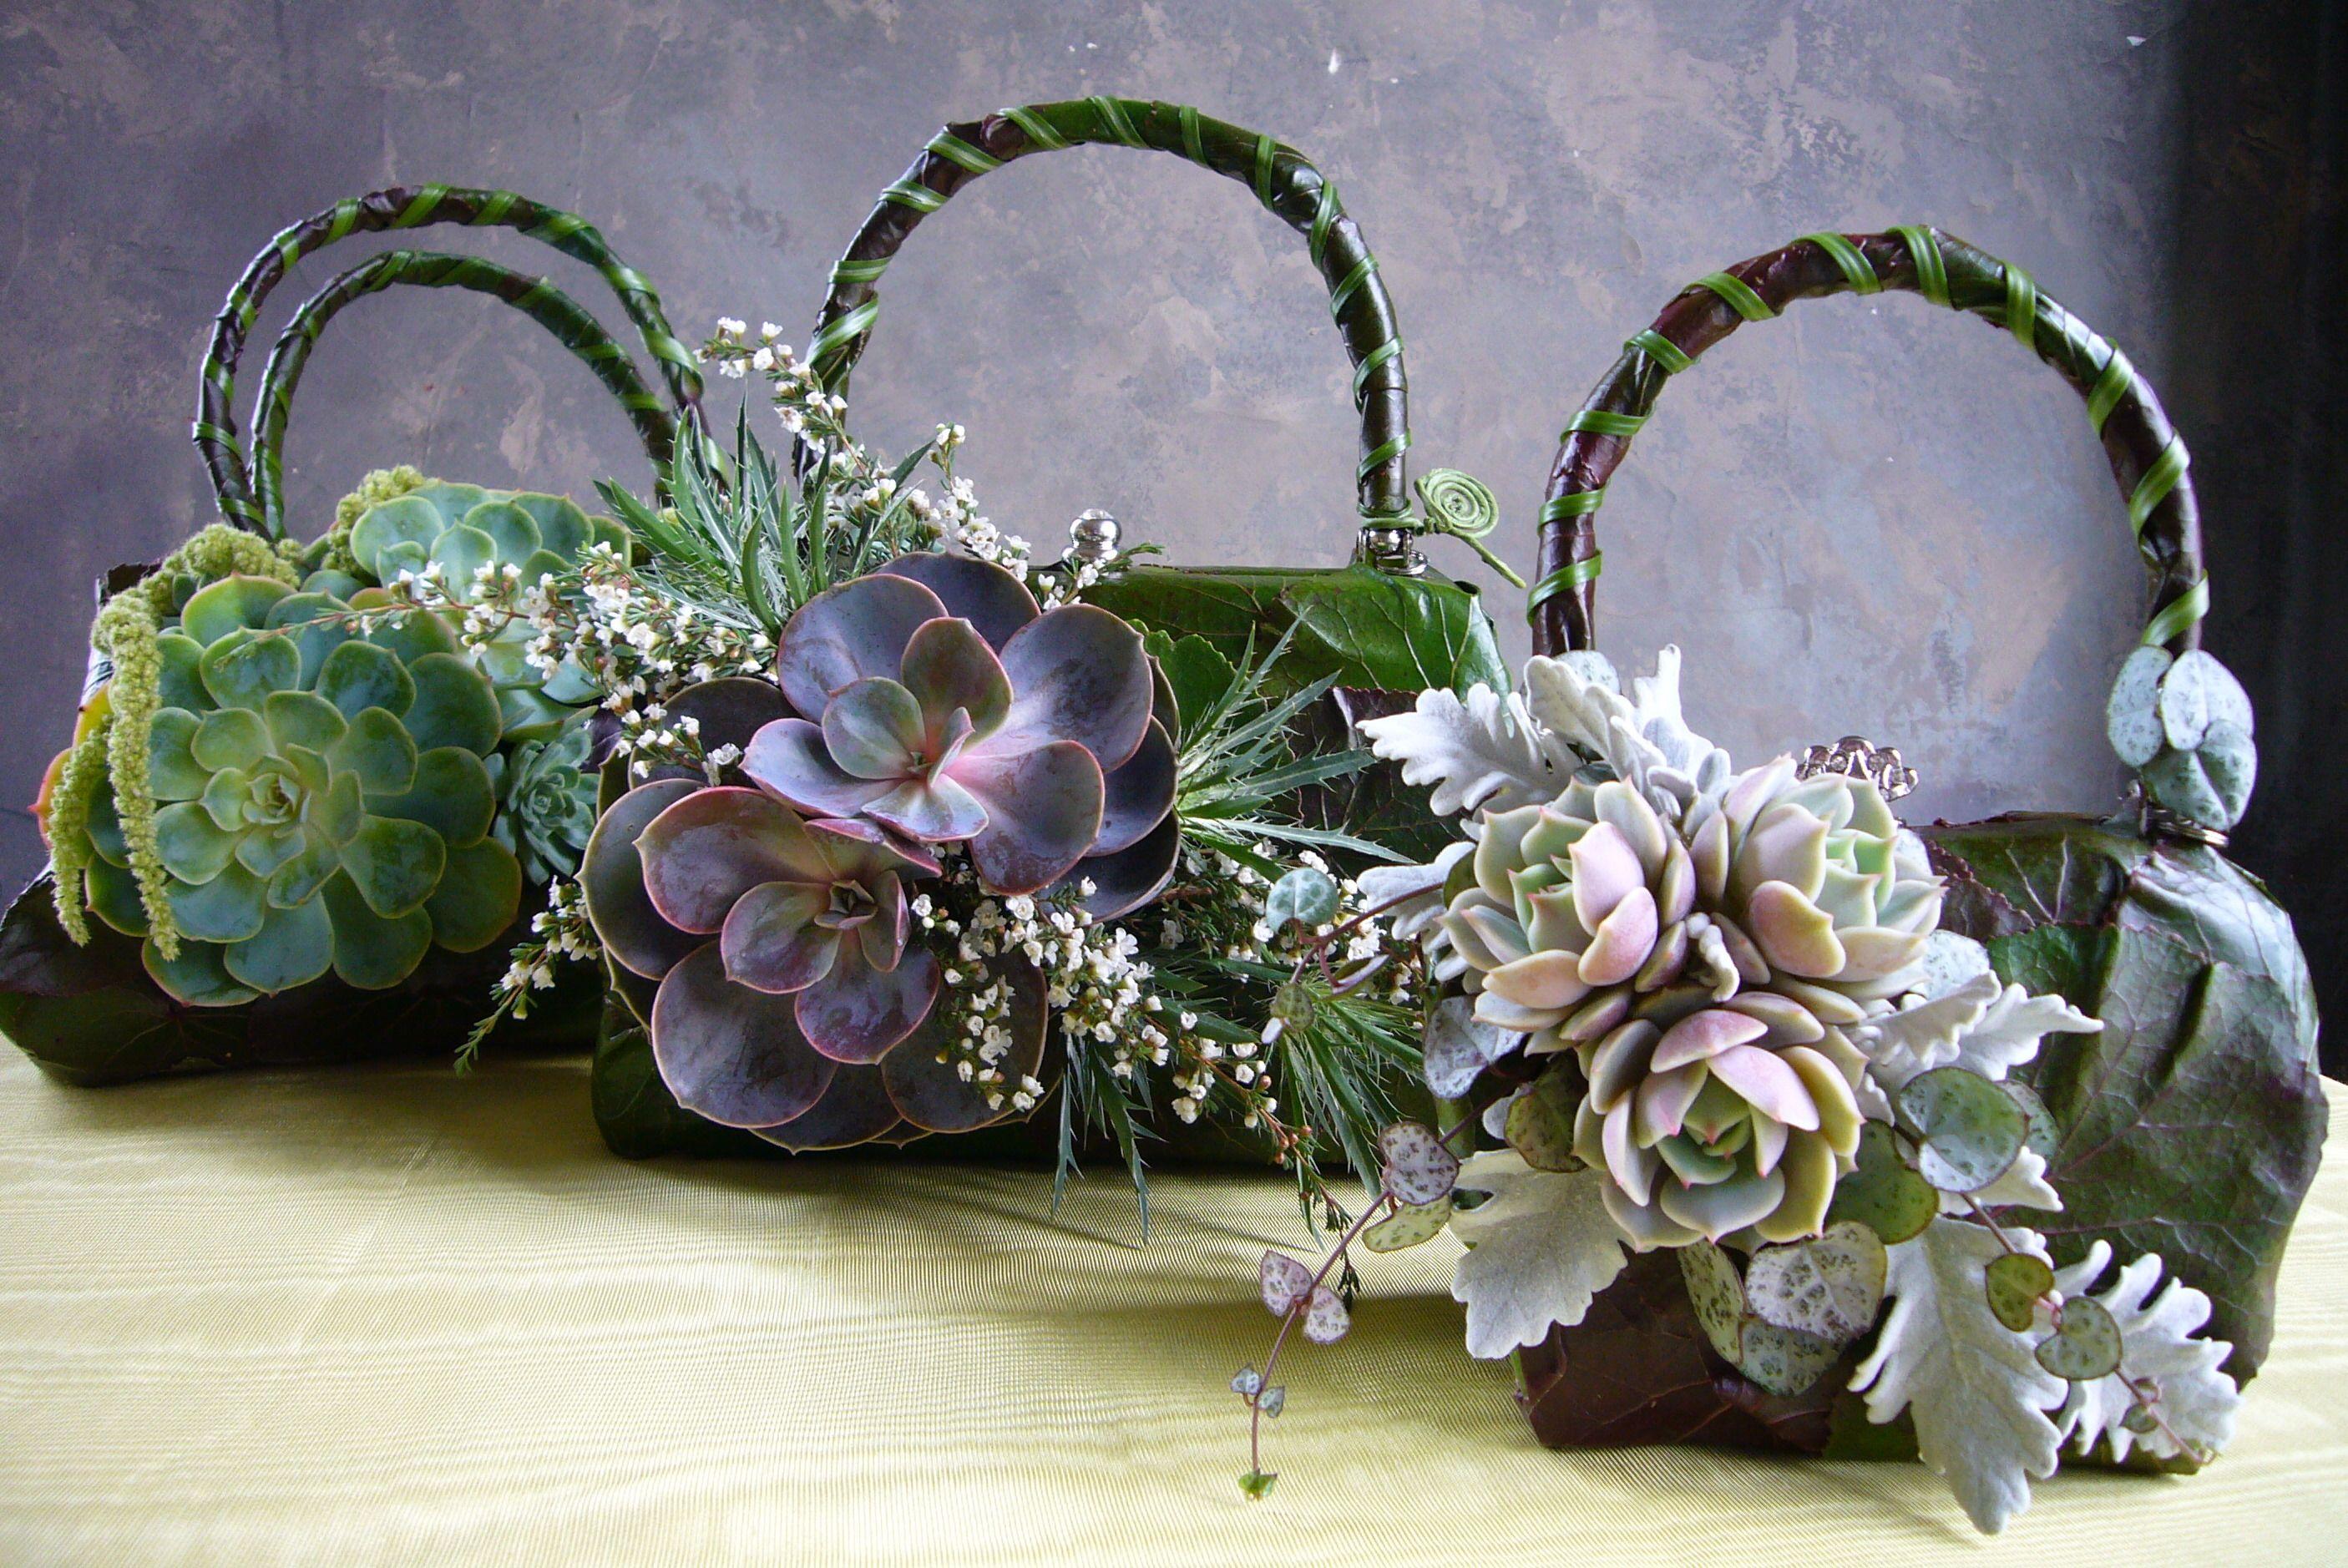 вот букеты цветов фото в декоративных сумках туда